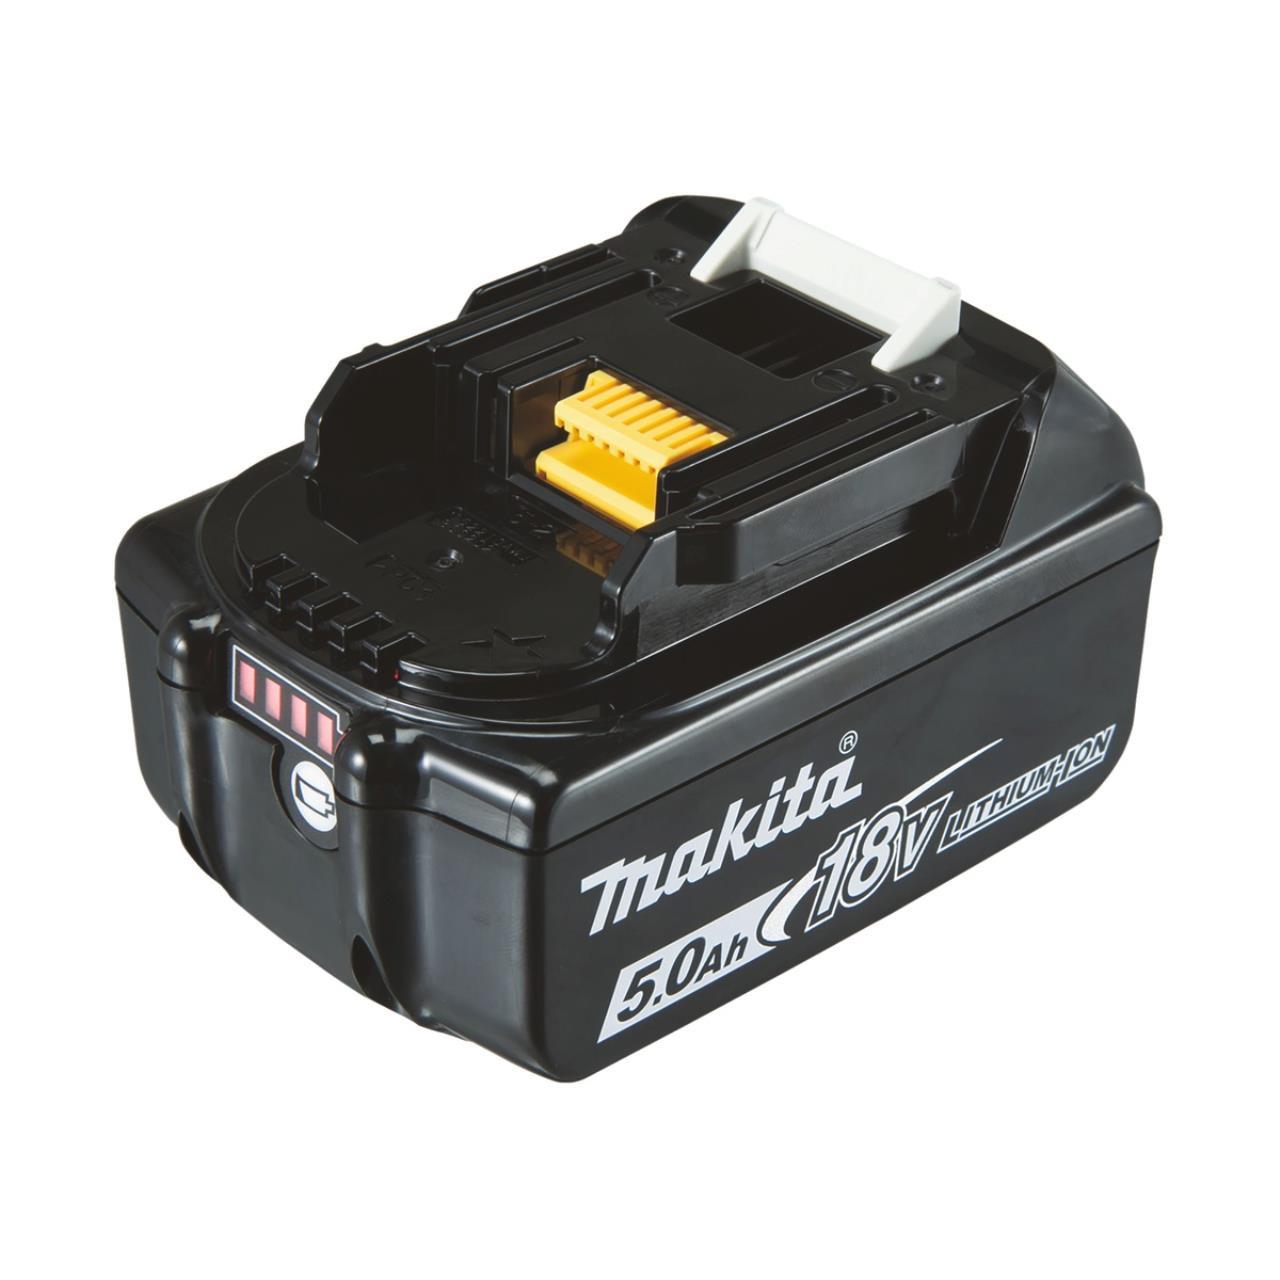 Makita batteri 5Amp 18v. BL1850